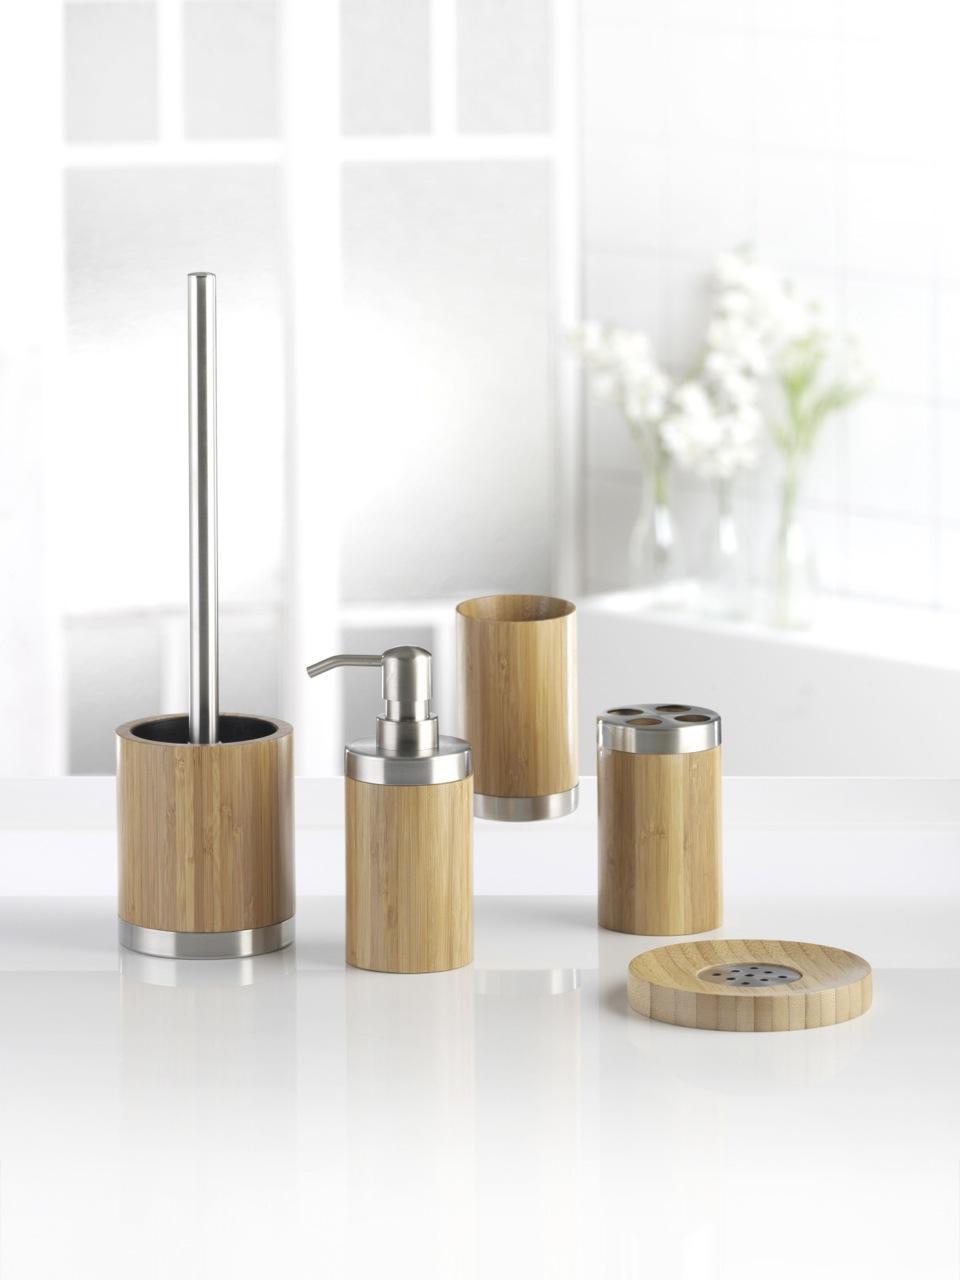 bonja bambus bad badezimmer set badset badezimmerset wc. Black Bedroom Furniture Sets. Home Design Ideas